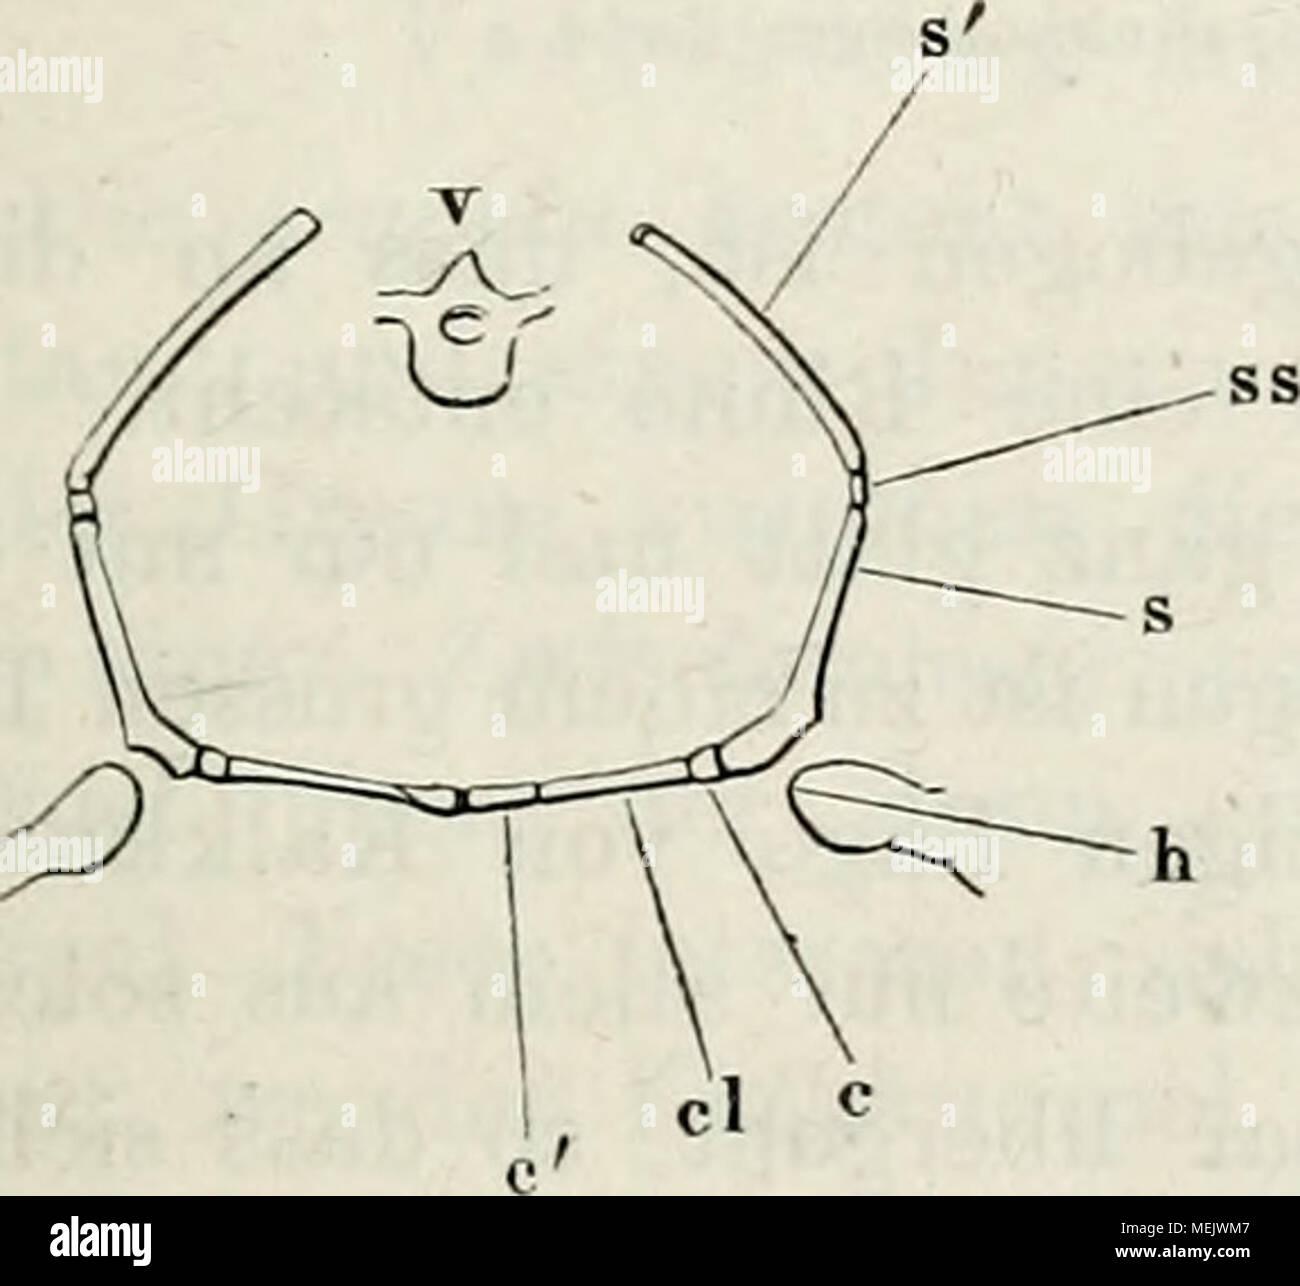 Tolle Diagramm Des Muskelsystems Etikettiert Ideen - Menschliche ...